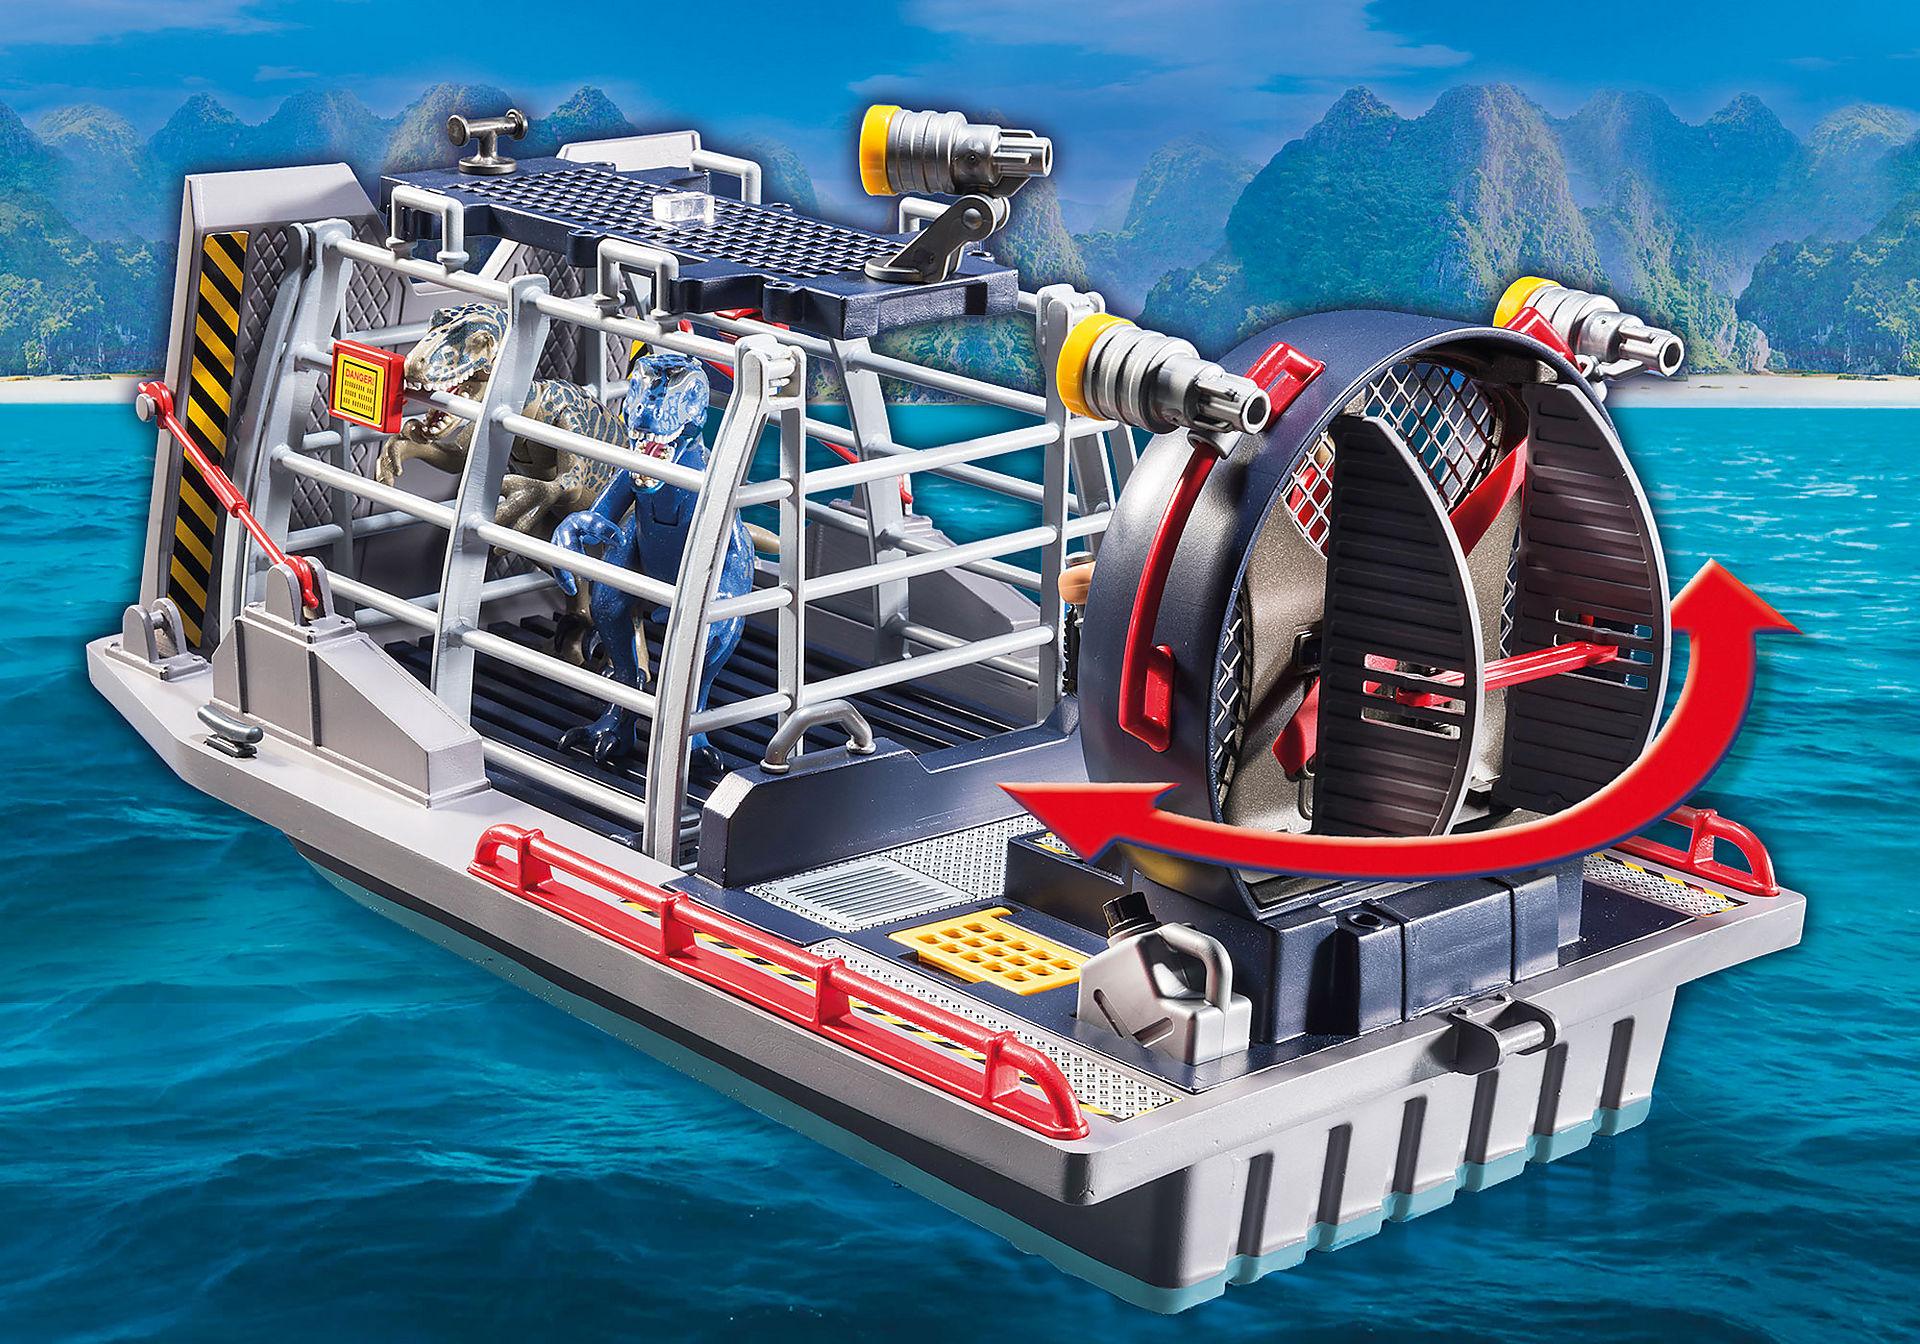 9433 Luchtkussenboot met dinokooi zoom image6